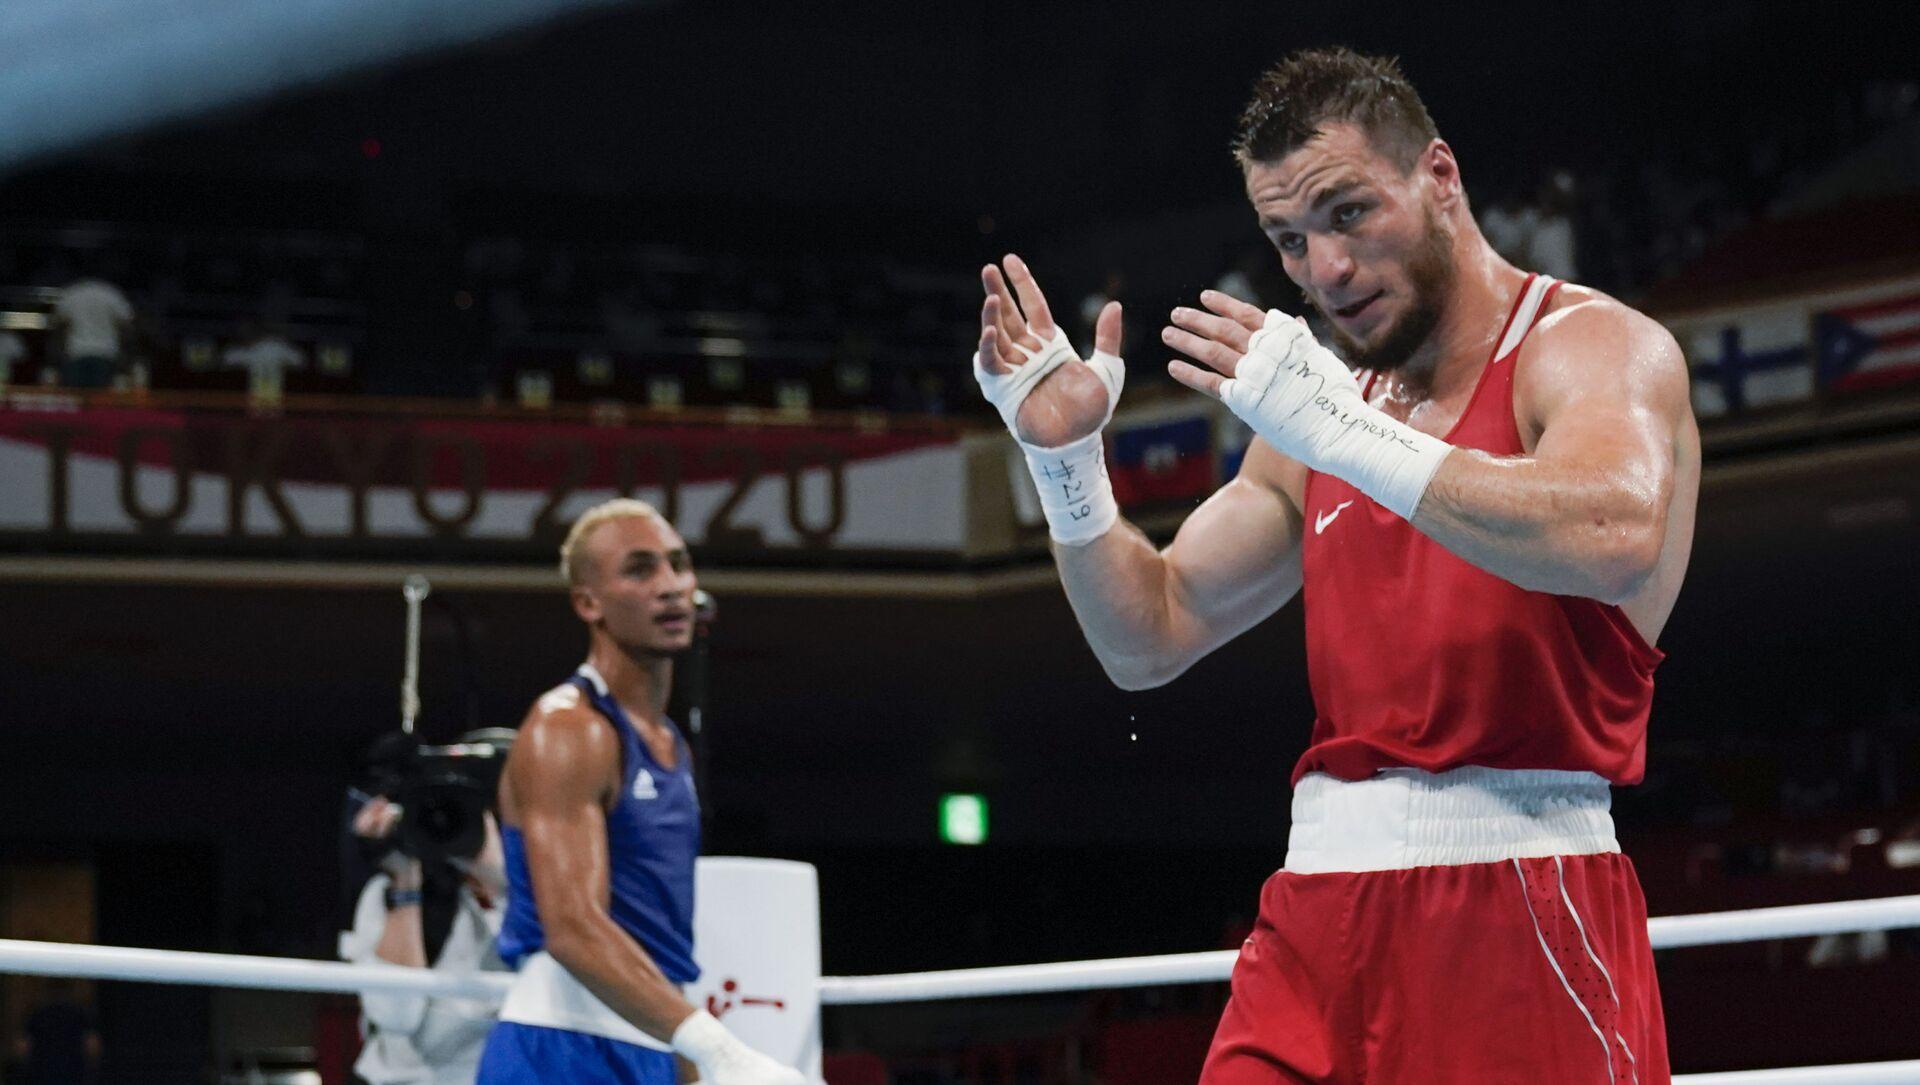 Rus boksör Hatayev, Tokyo Olimpiyatları'nda bronz madalya kazandı - Sputnik Türkiye, 1920, 01.08.2021